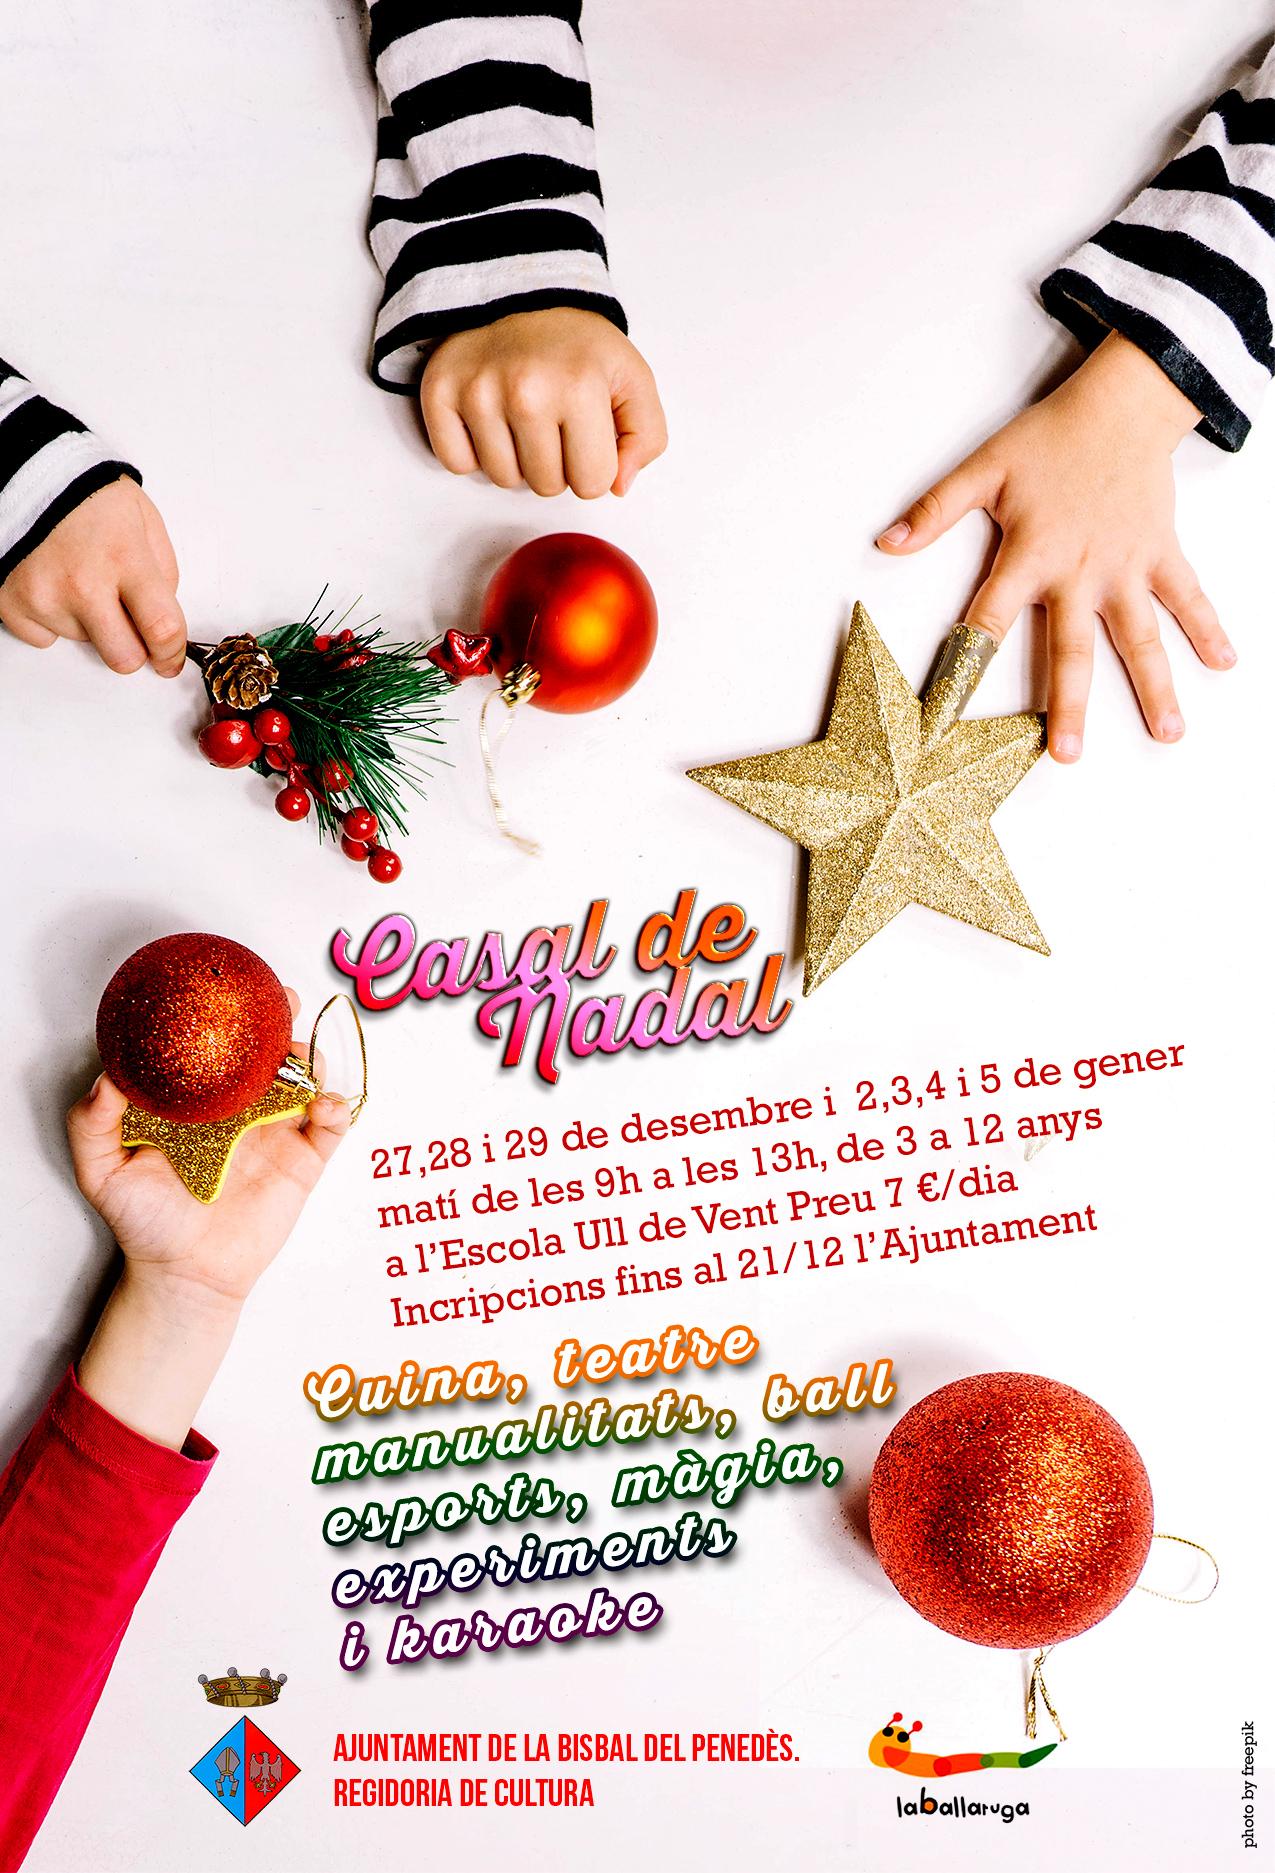 Del 27 de desembre al 5 de gener gaudeix del Casal de Nadal